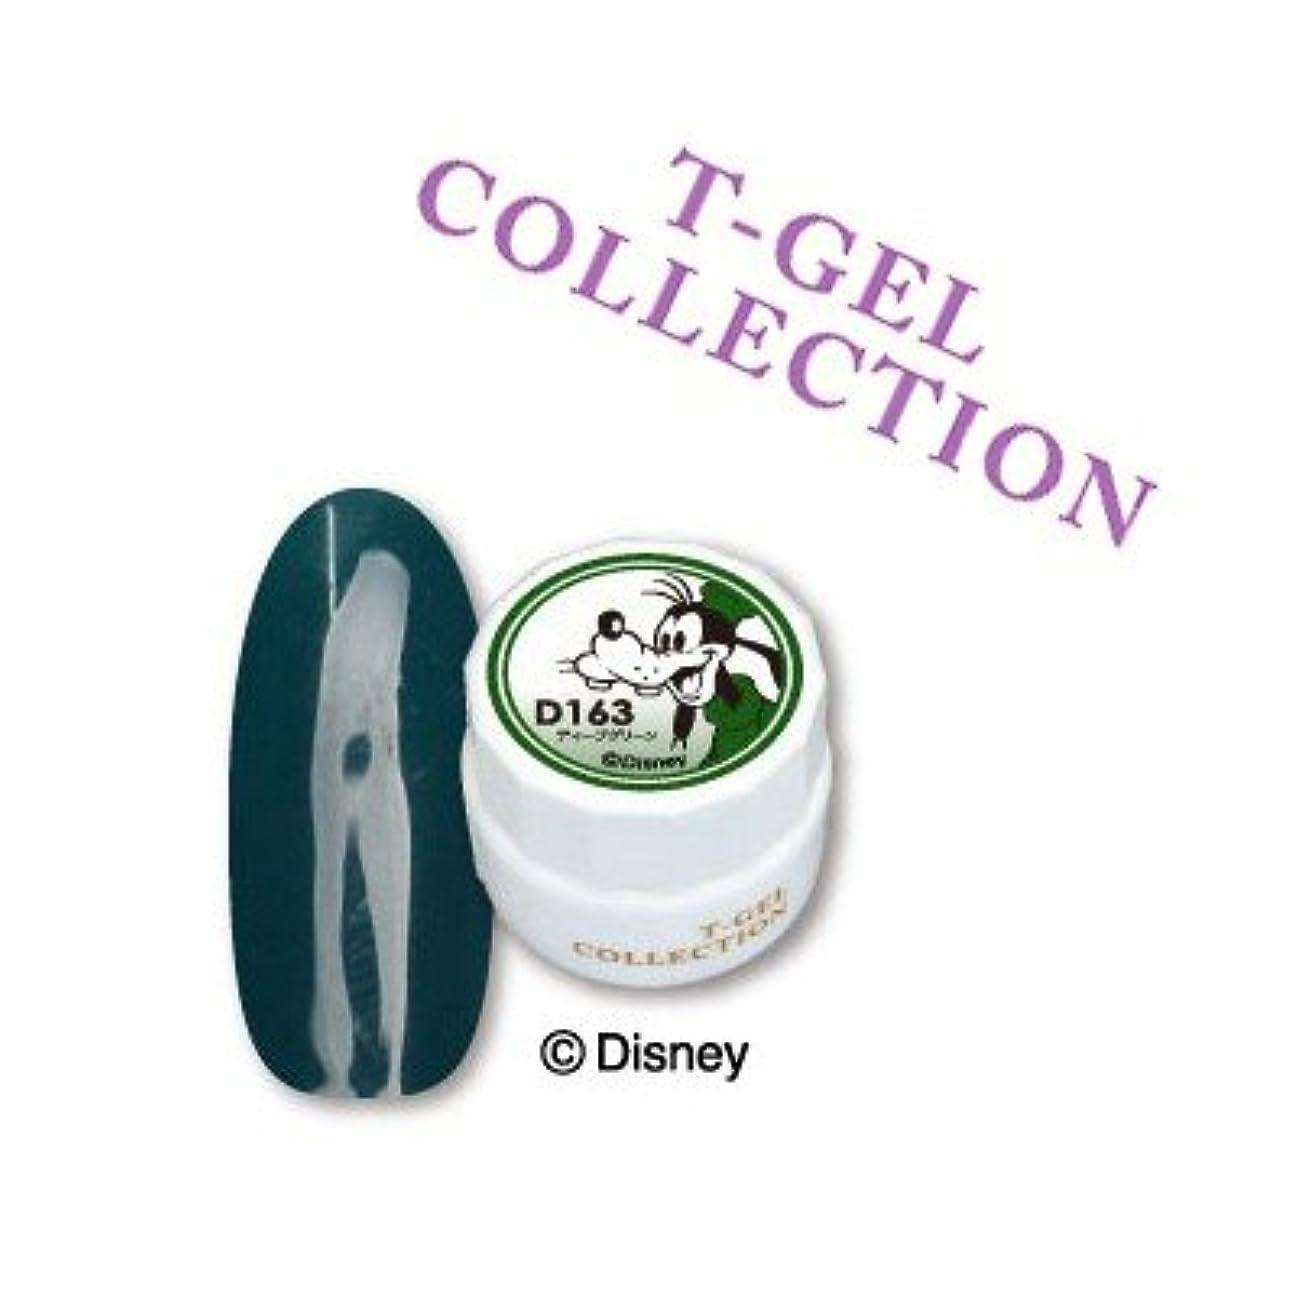 限り含める意気込みT-GEL COLLECTION カラージェル D163 ディープグリーン 4ml